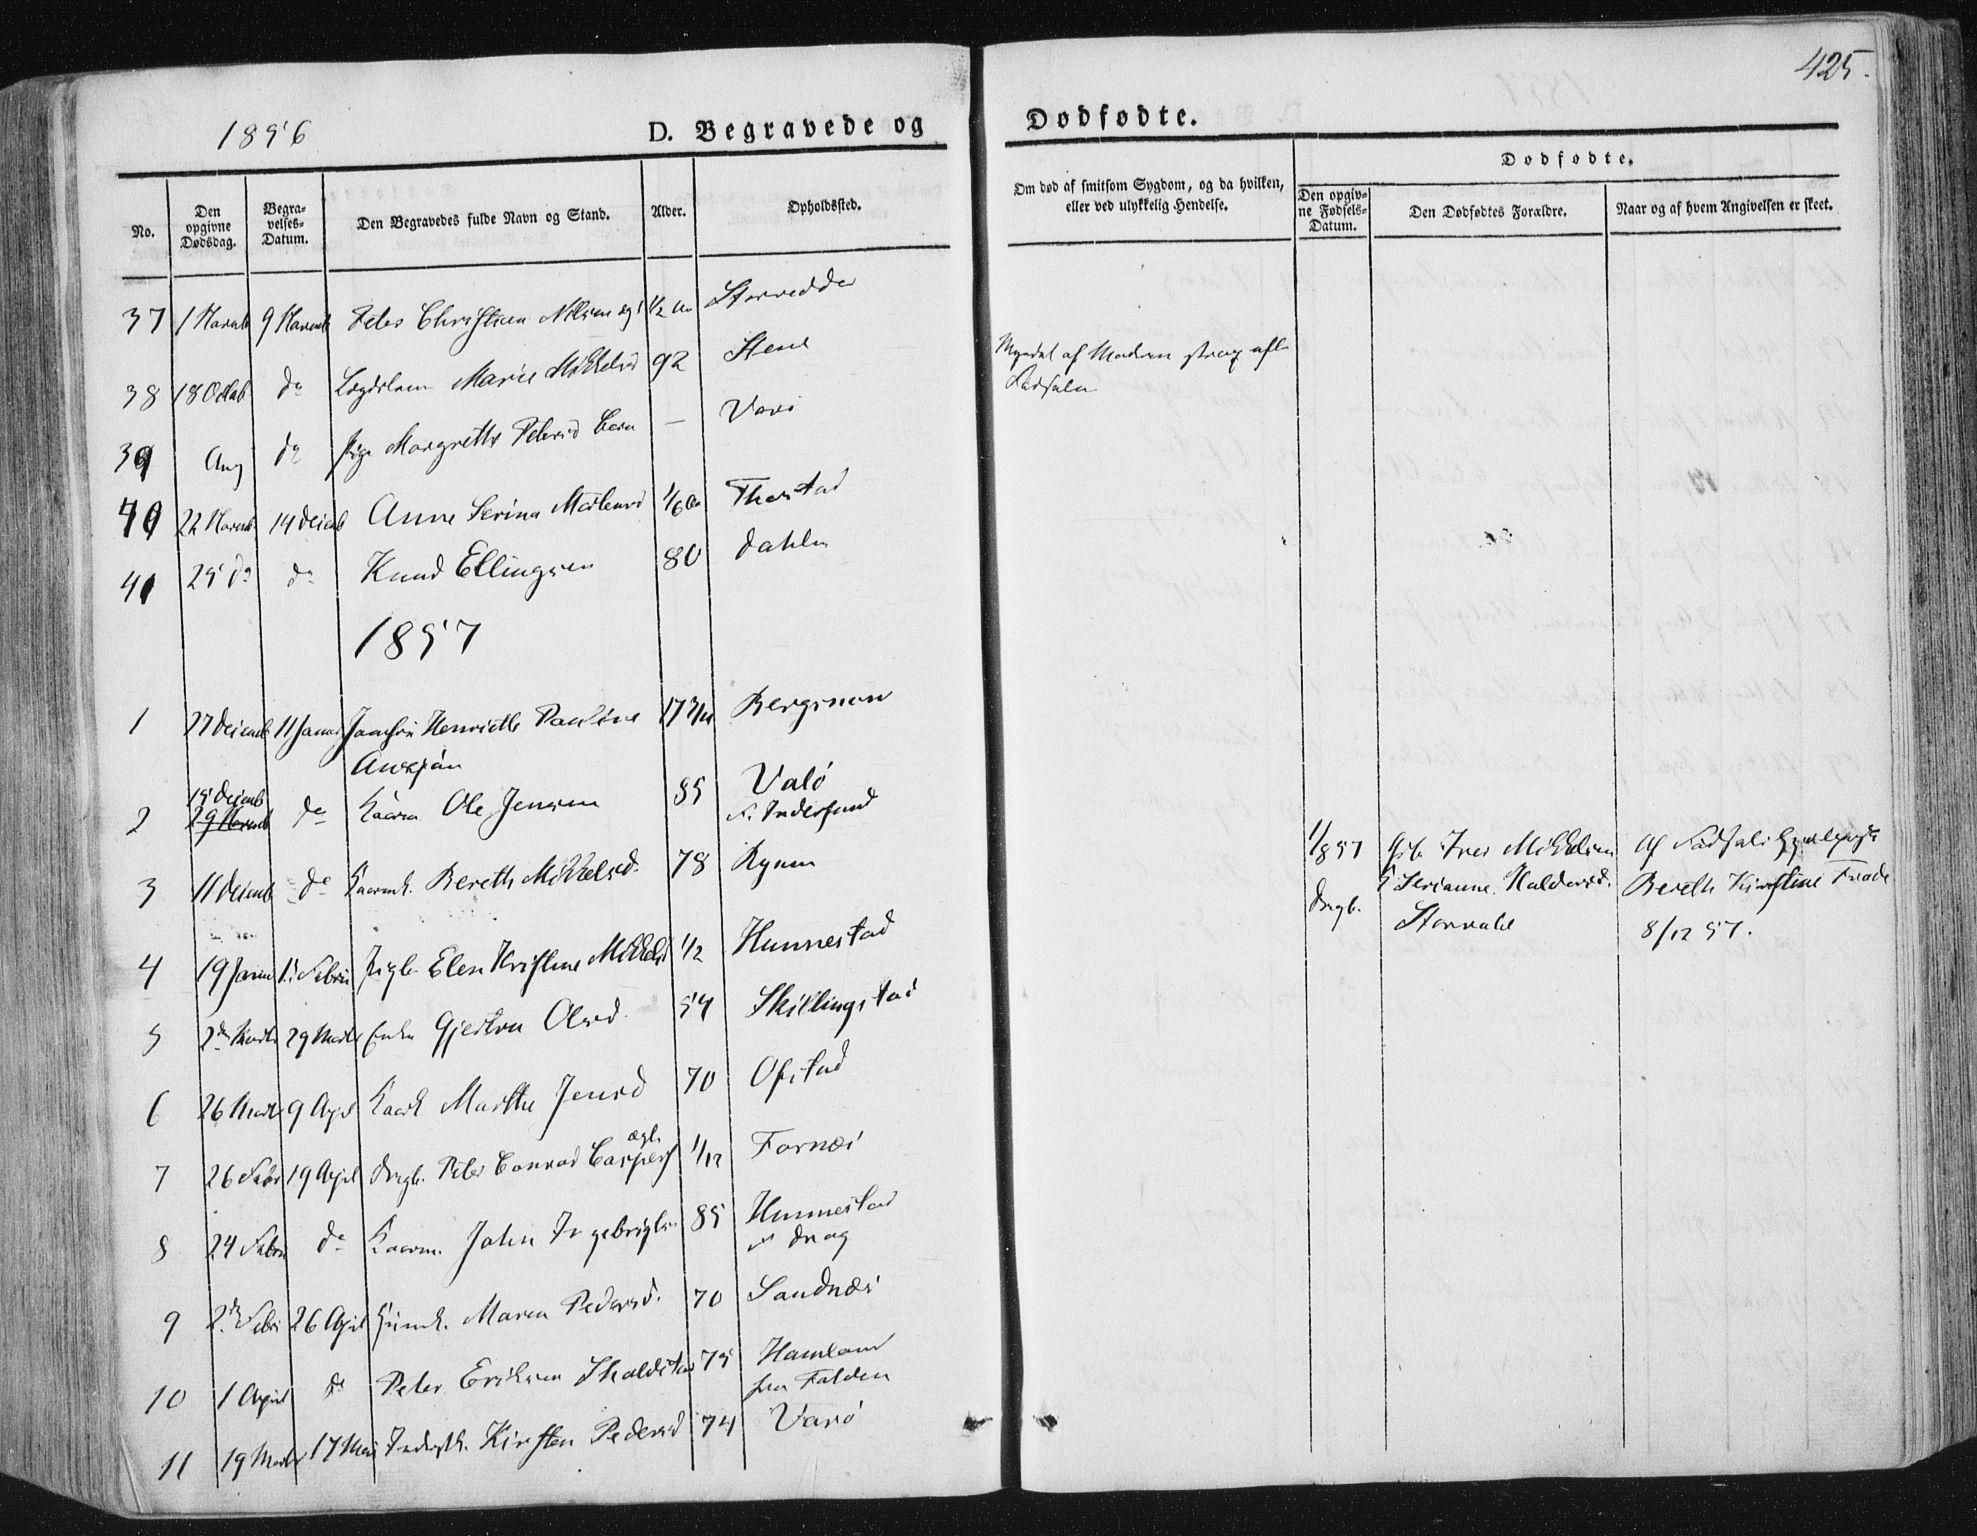 SAT, Ministerialprotokoller, klokkerbøker og fødselsregistre - Nord-Trøndelag, 784/L0669: Ministerialbok nr. 784A04, 1829-1859, s. 425